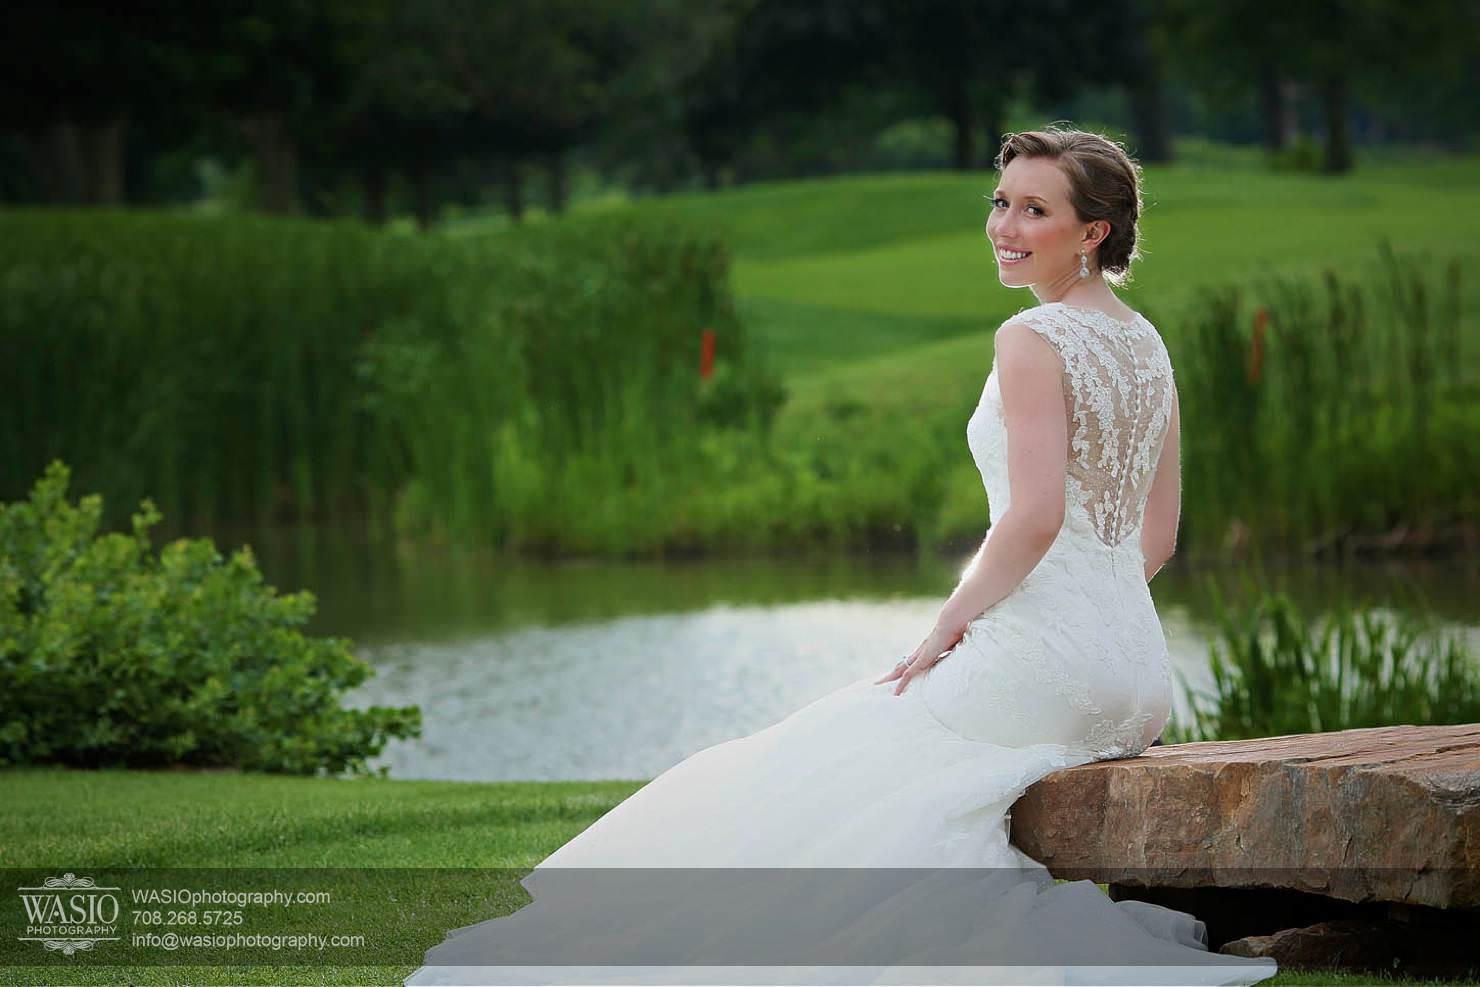 wedding-chicago-bride-portrait-golf-club-chevy-chase Chevy Chase Country Club Wedding - Elizabeth & Michael